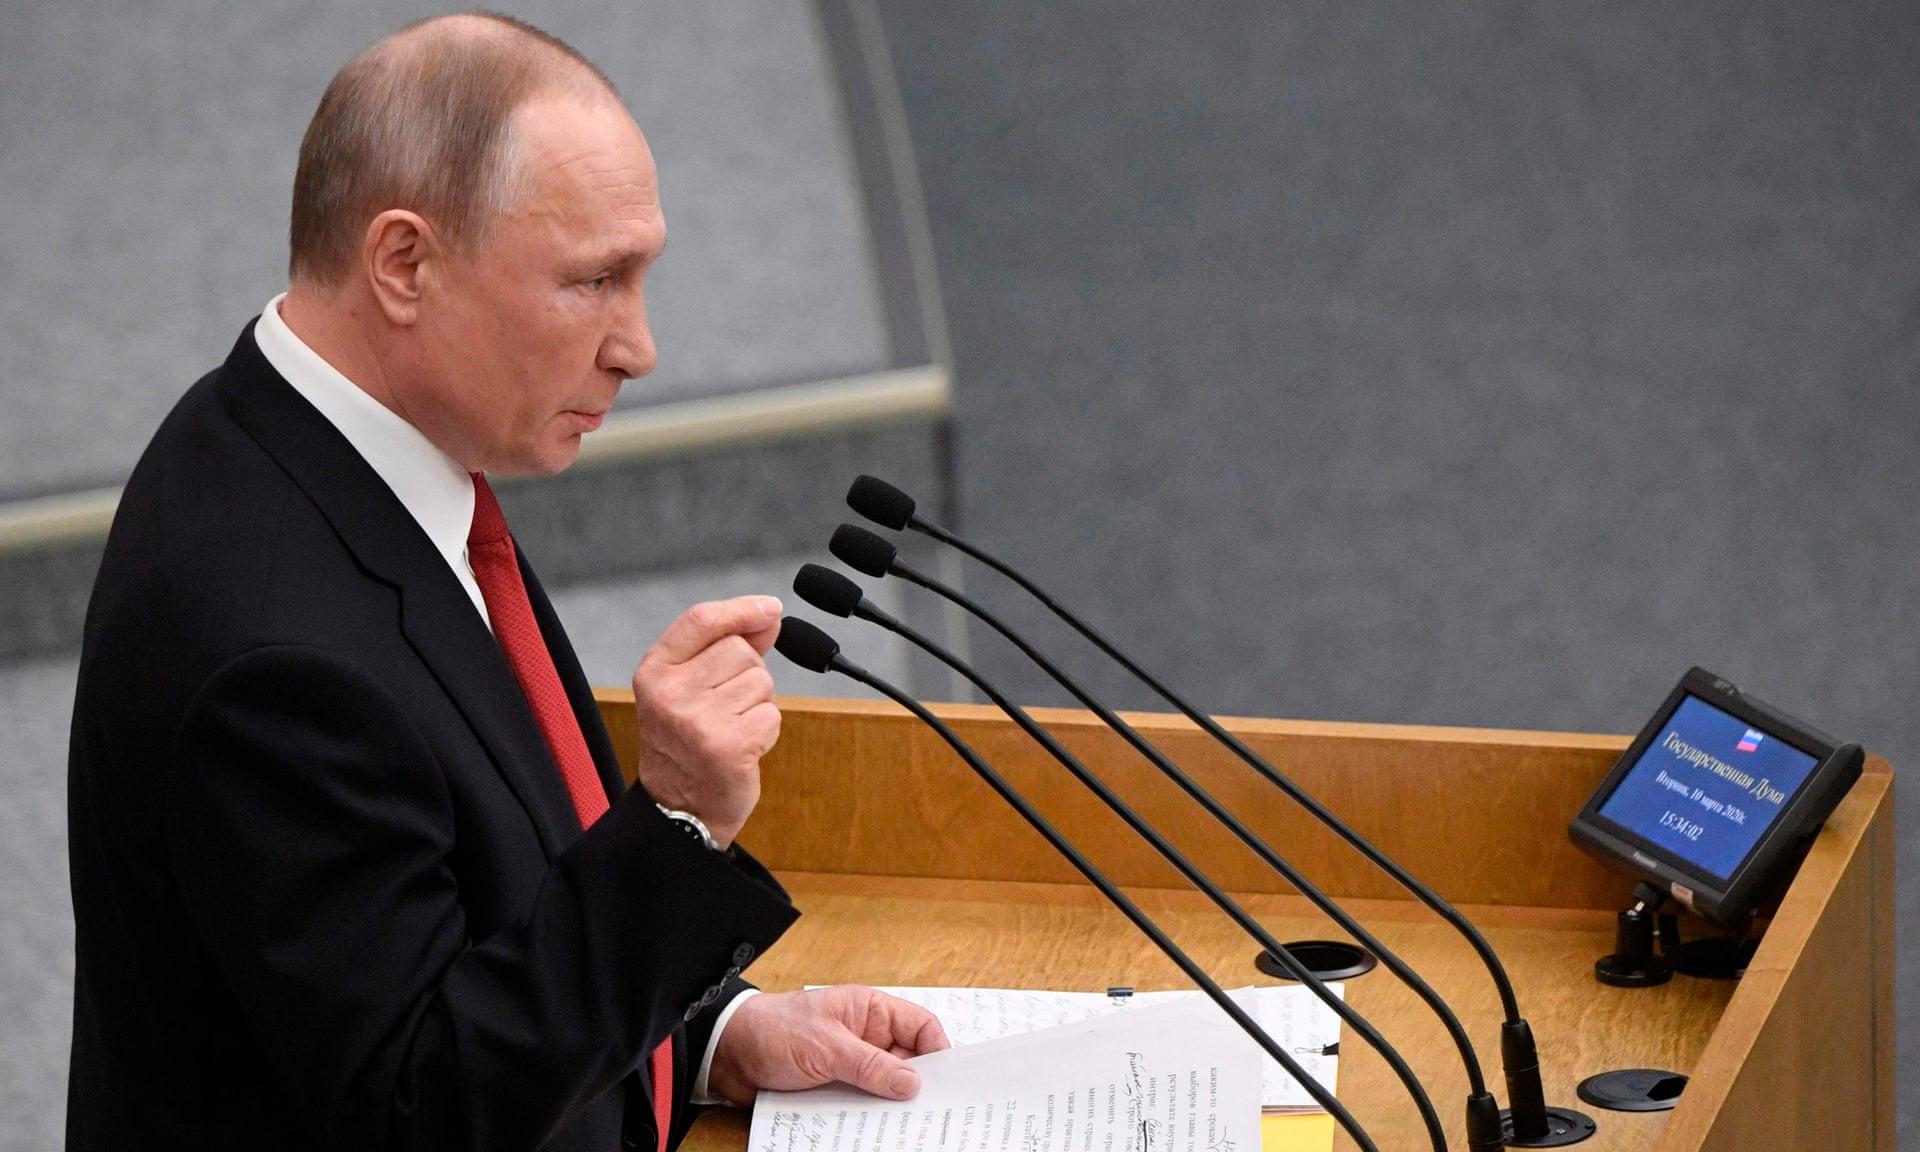 پوتین در قدرت می ماند؛ ولی از انتخابات خبری نیست